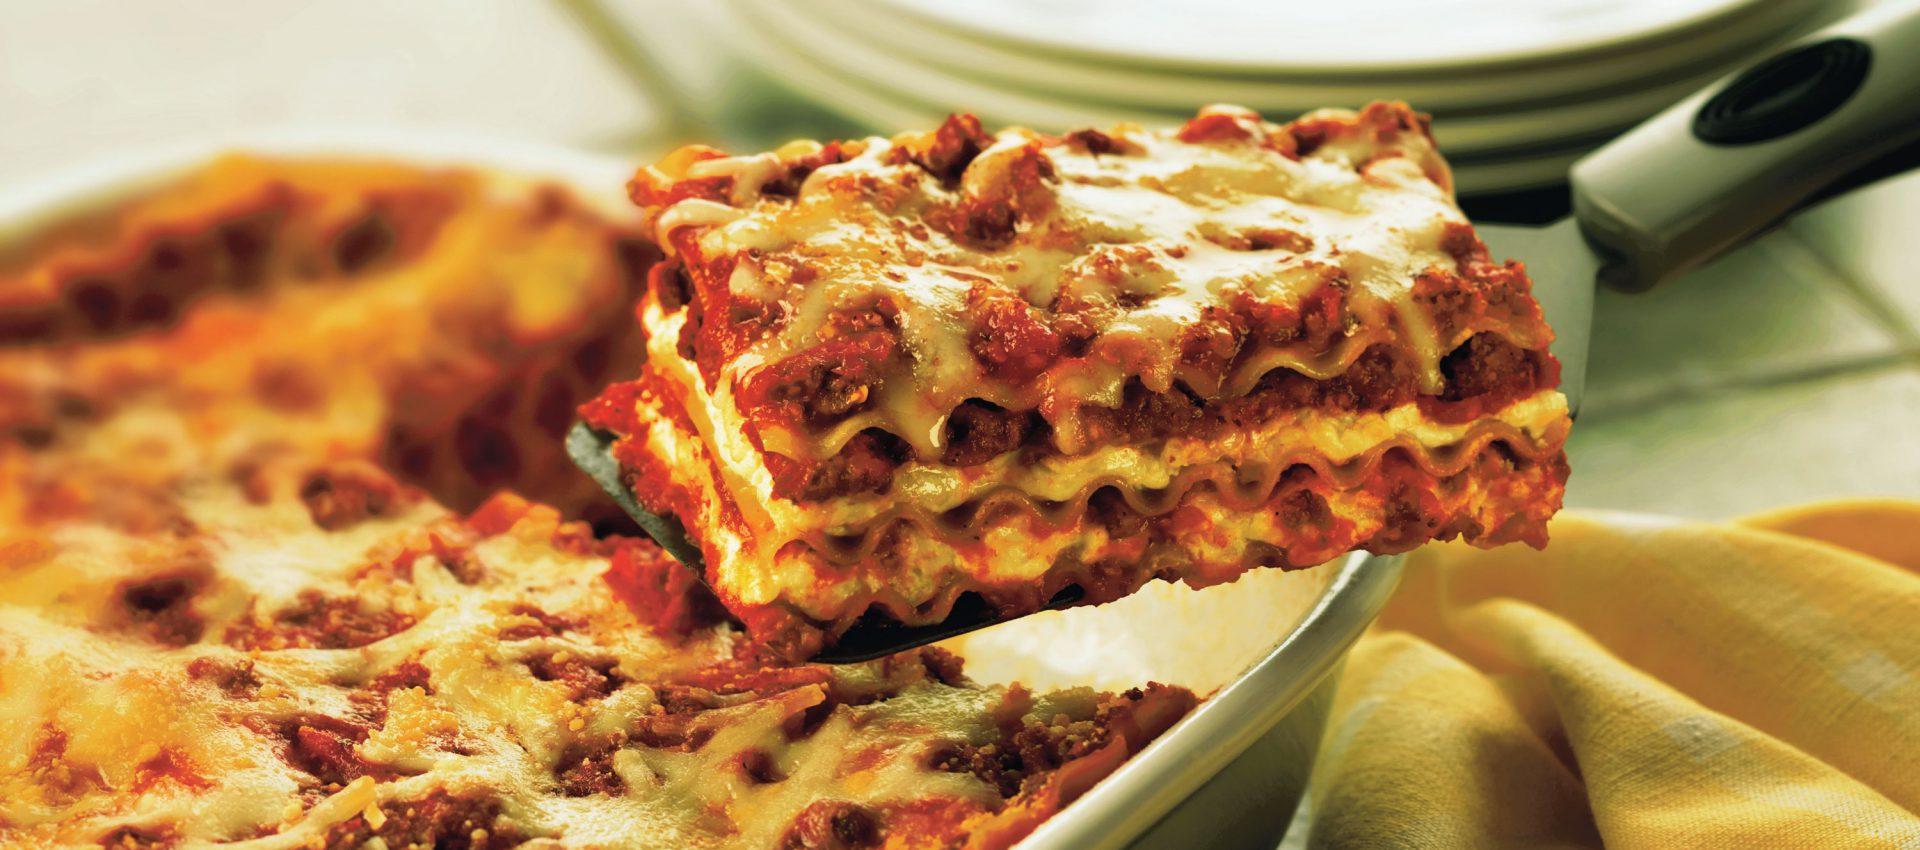 Classic-Sausage-Lasagna-1920x850 Classic Sausage Lasagna